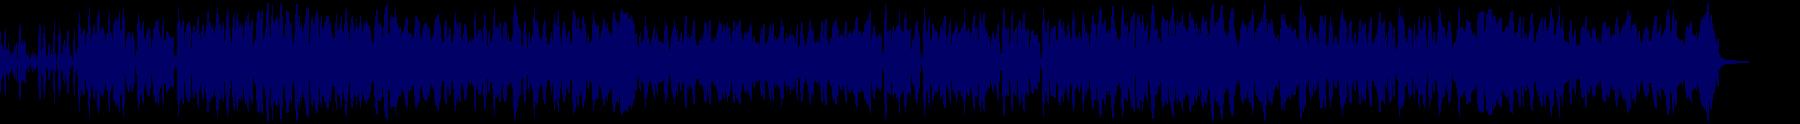 waveform of track #71553